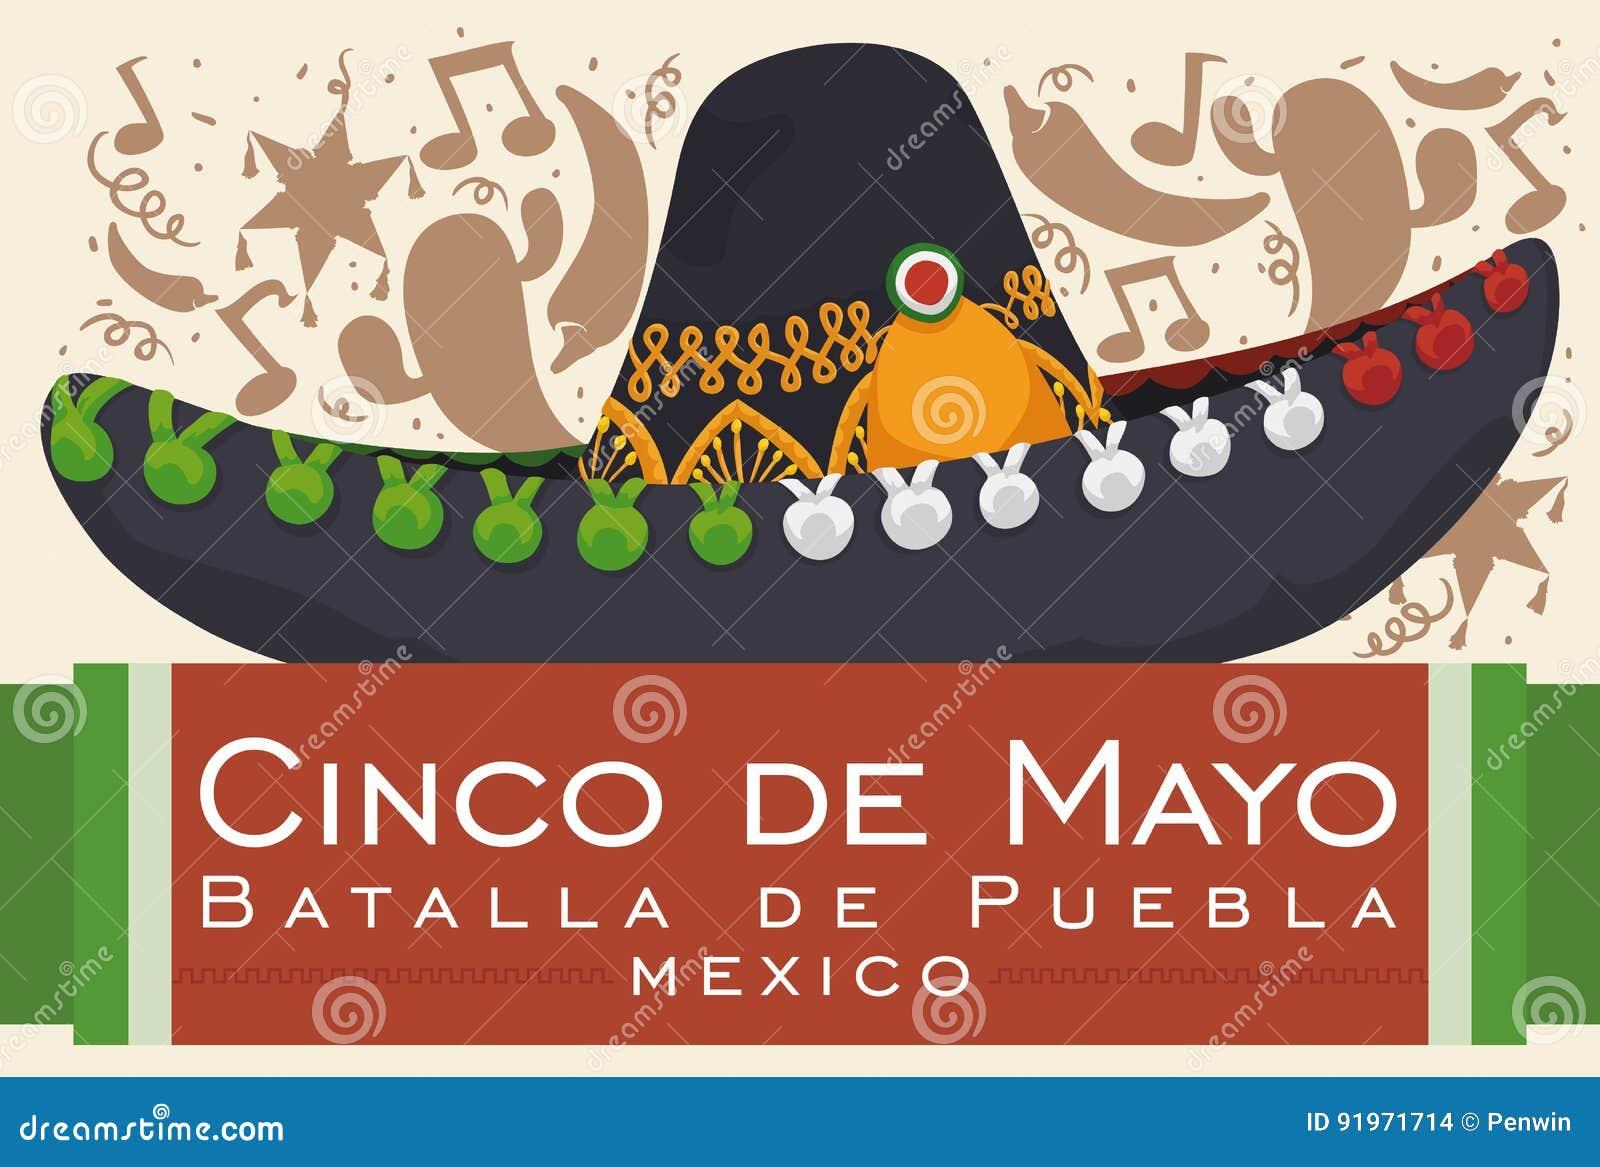 Cartel con la silueta festiva del fondo y sombrero del mariachi para la celebración  mexicana de la batalla de Puebla en Cinco de Mayo - escrito en español 1e04b47ea66